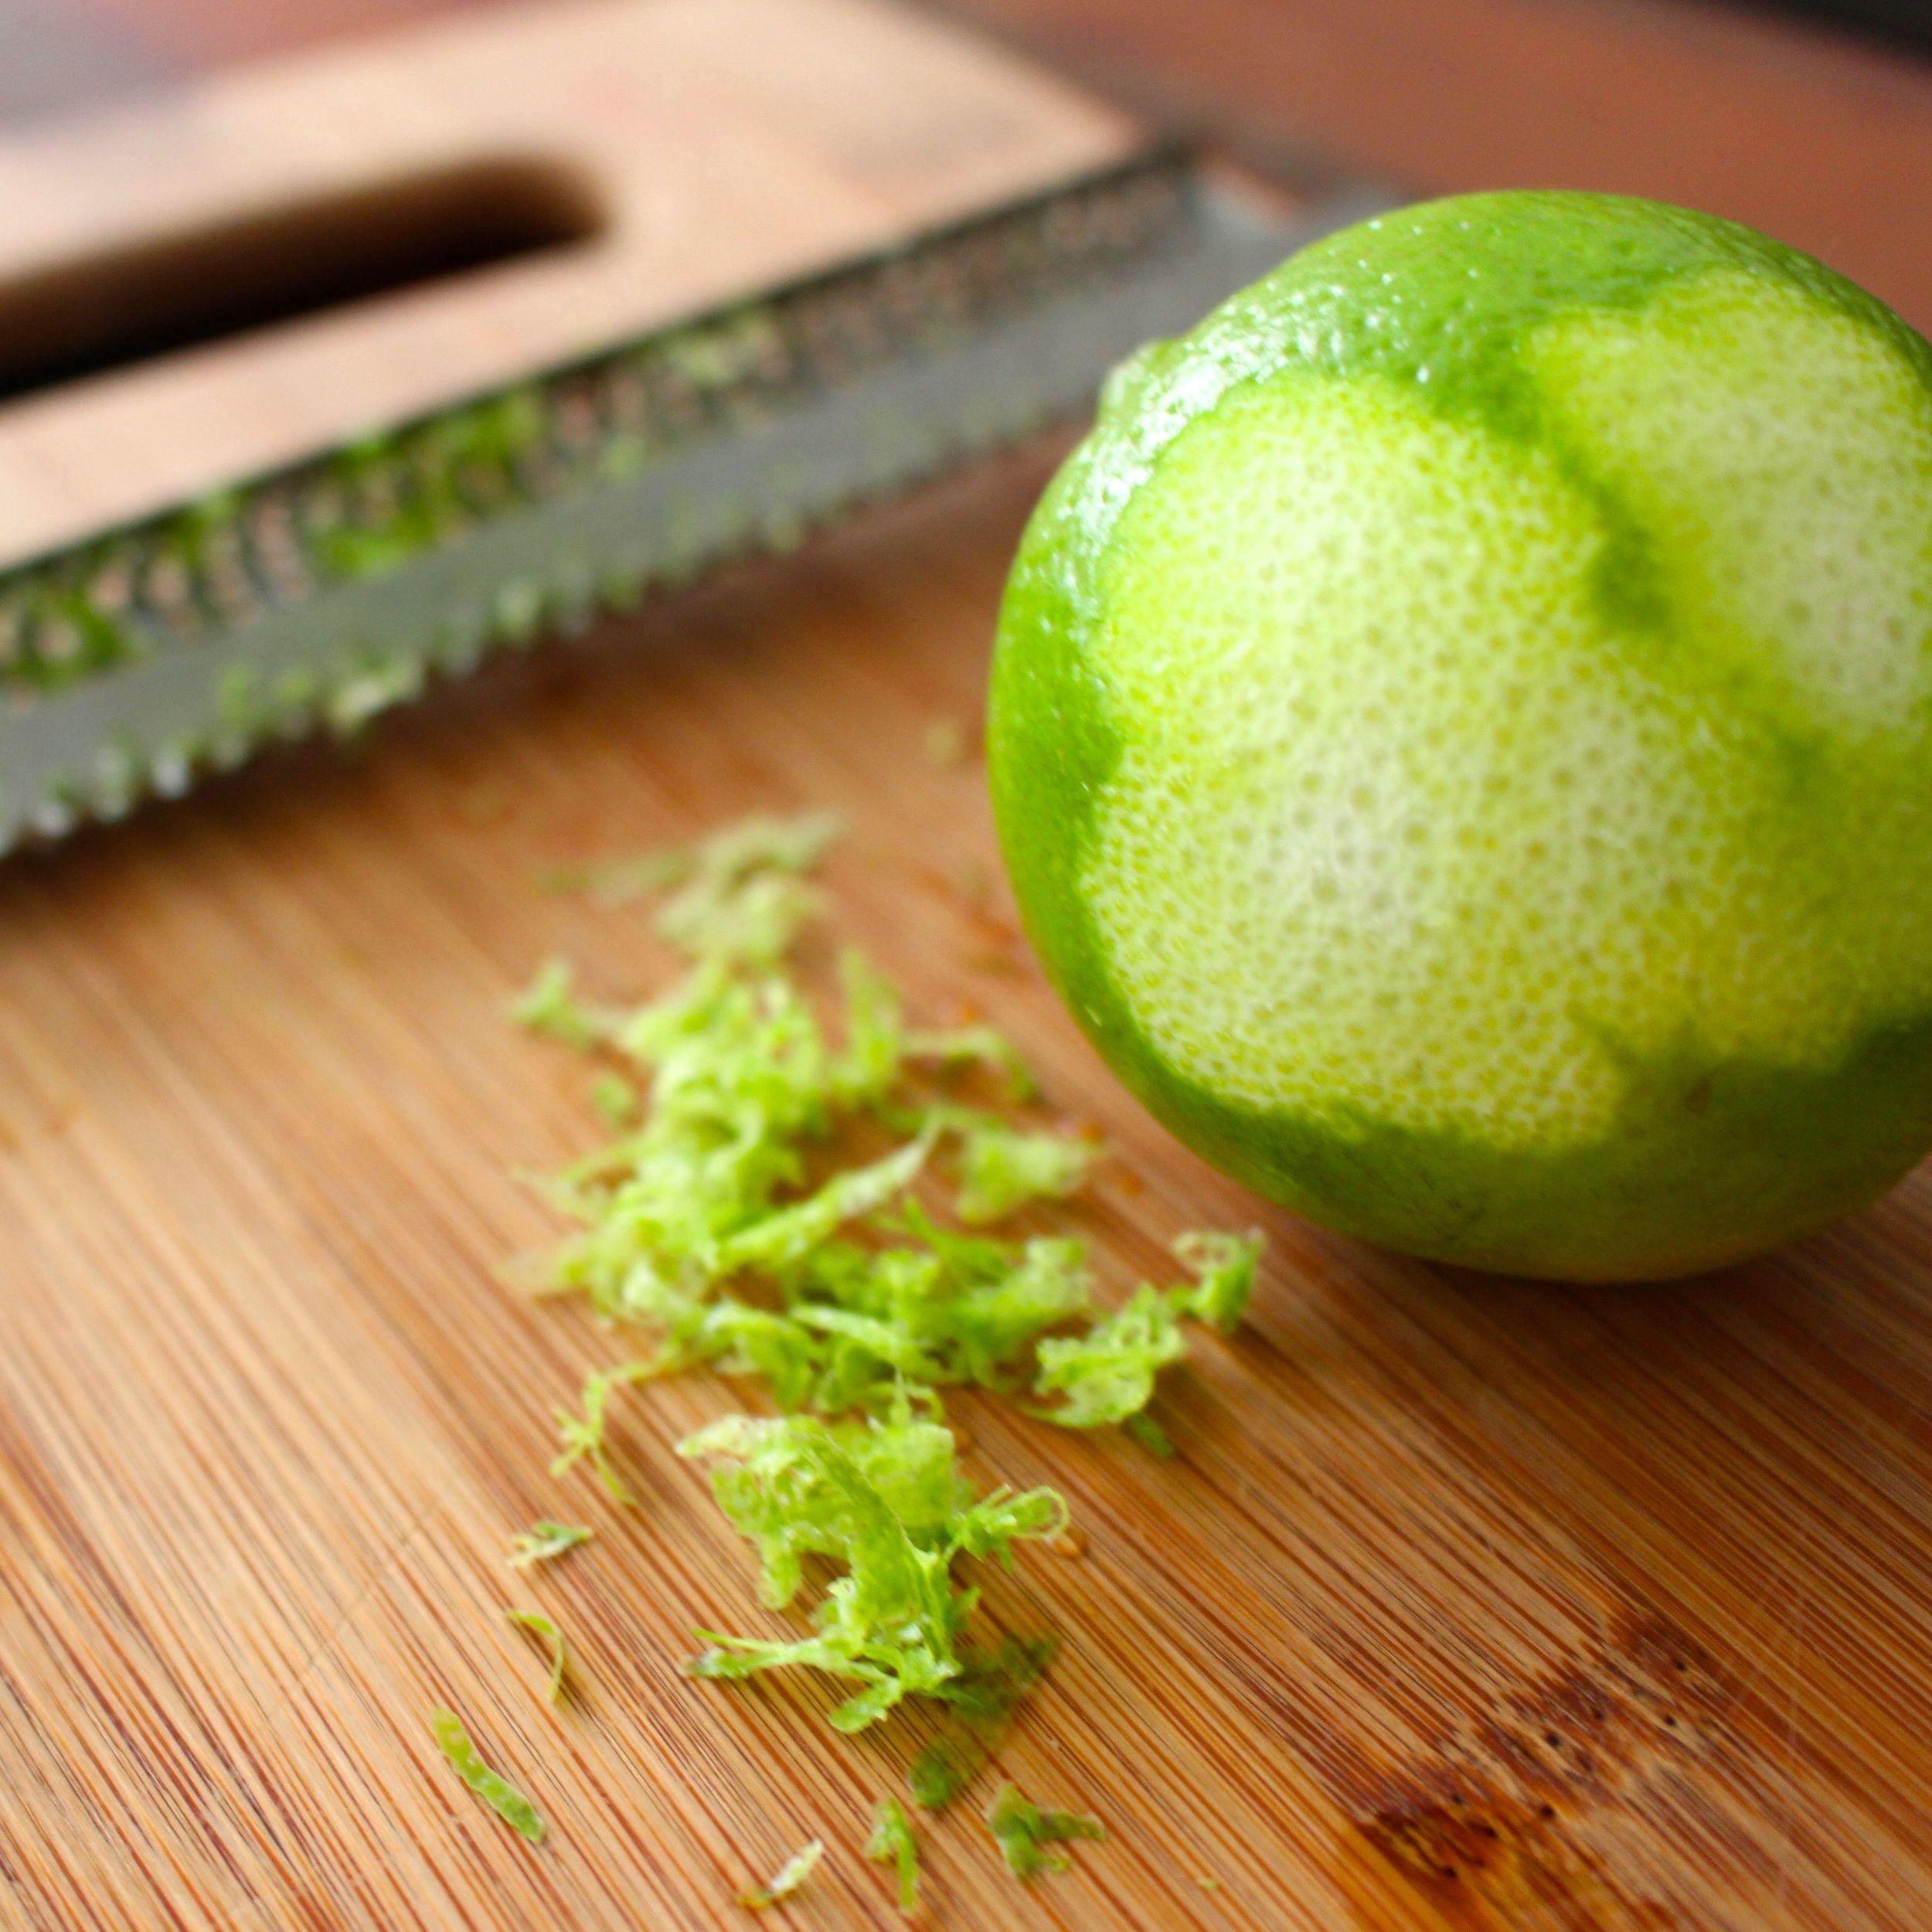 Lime zest subs in for lemongrass